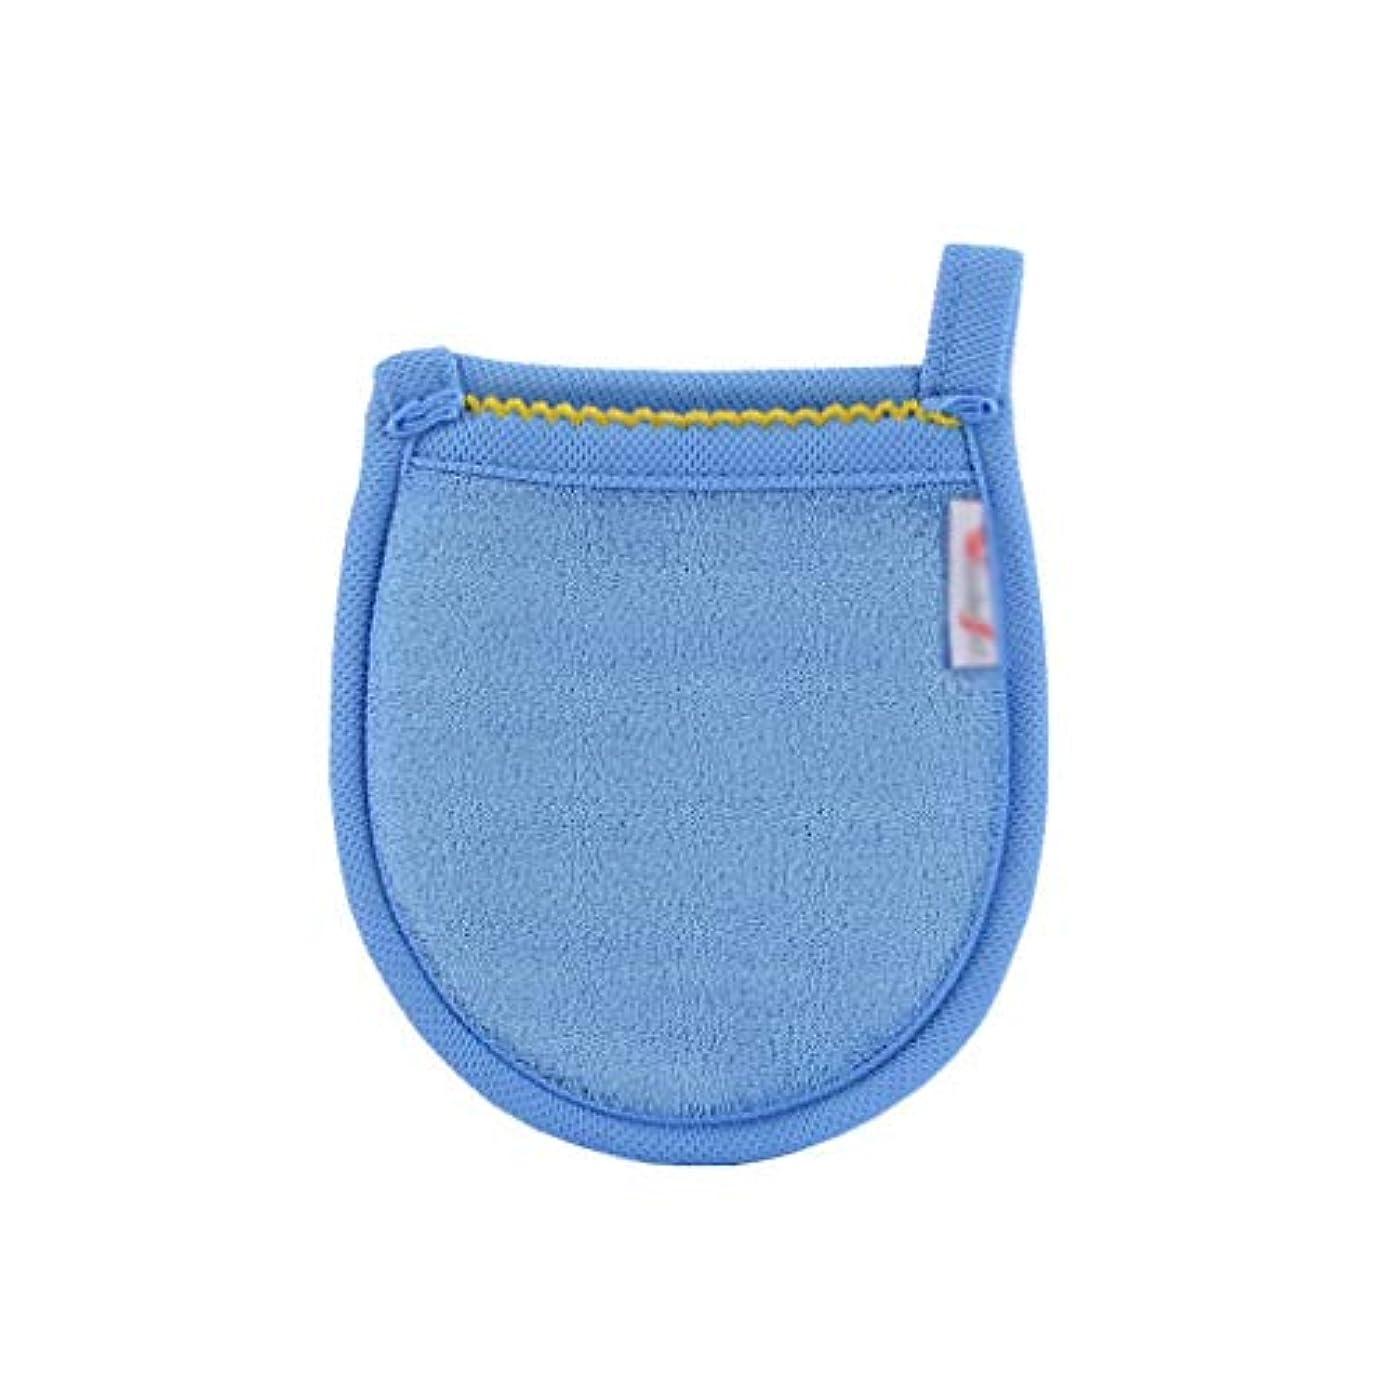 最も遠いテスト編集者クレンジングシート 1ピースフェイスタオルメイクアップ - リムーバークレンジンググローブ再利用可能なマイクロファイバー女性フェイシャルクロス5色 落ち水クレンジング シート モイスト (Color : Blue)